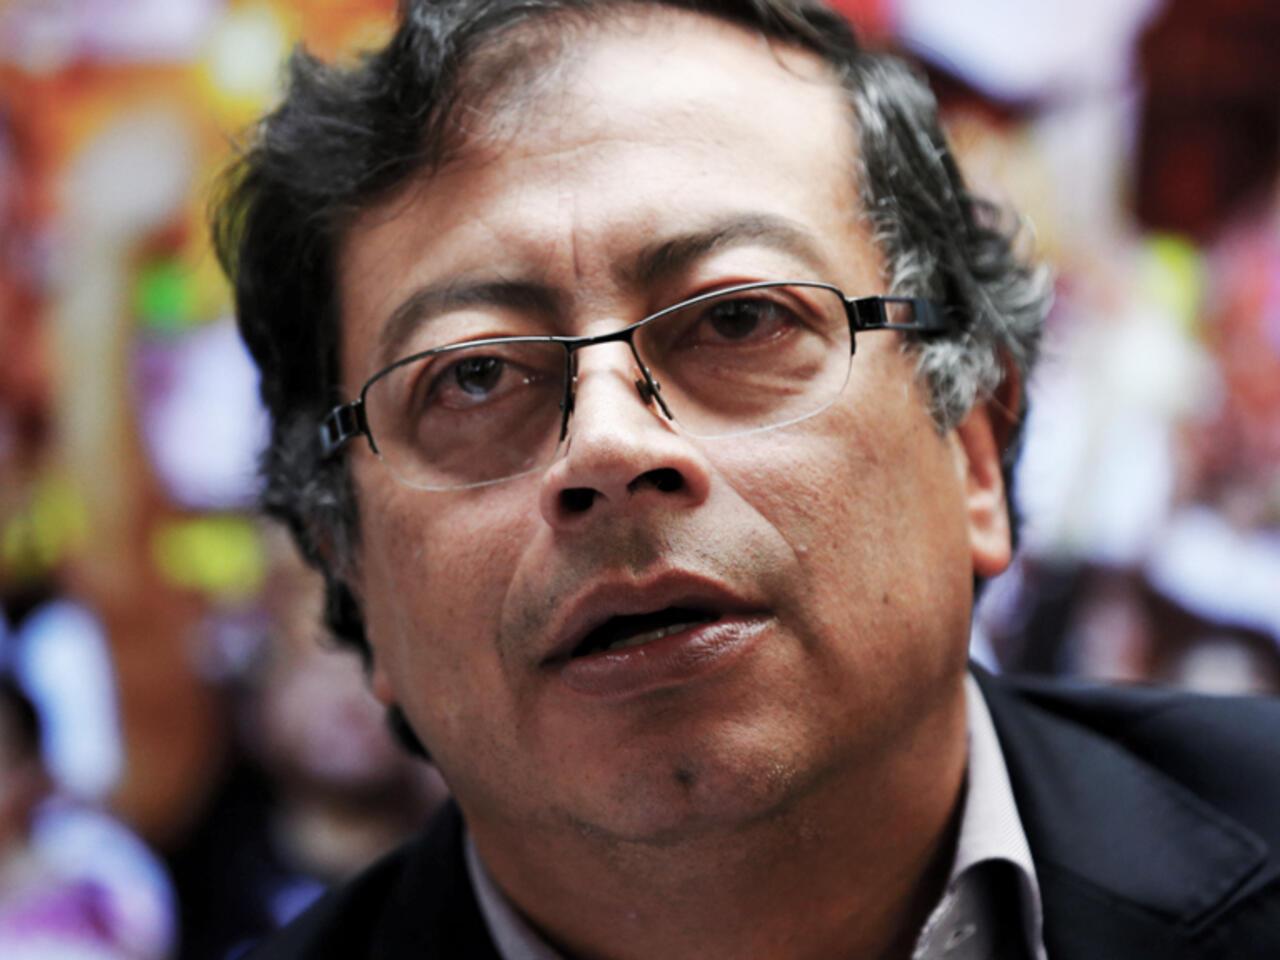 Gustavo Petro, la esperanza de la izquierda colombiana para llegar al poder